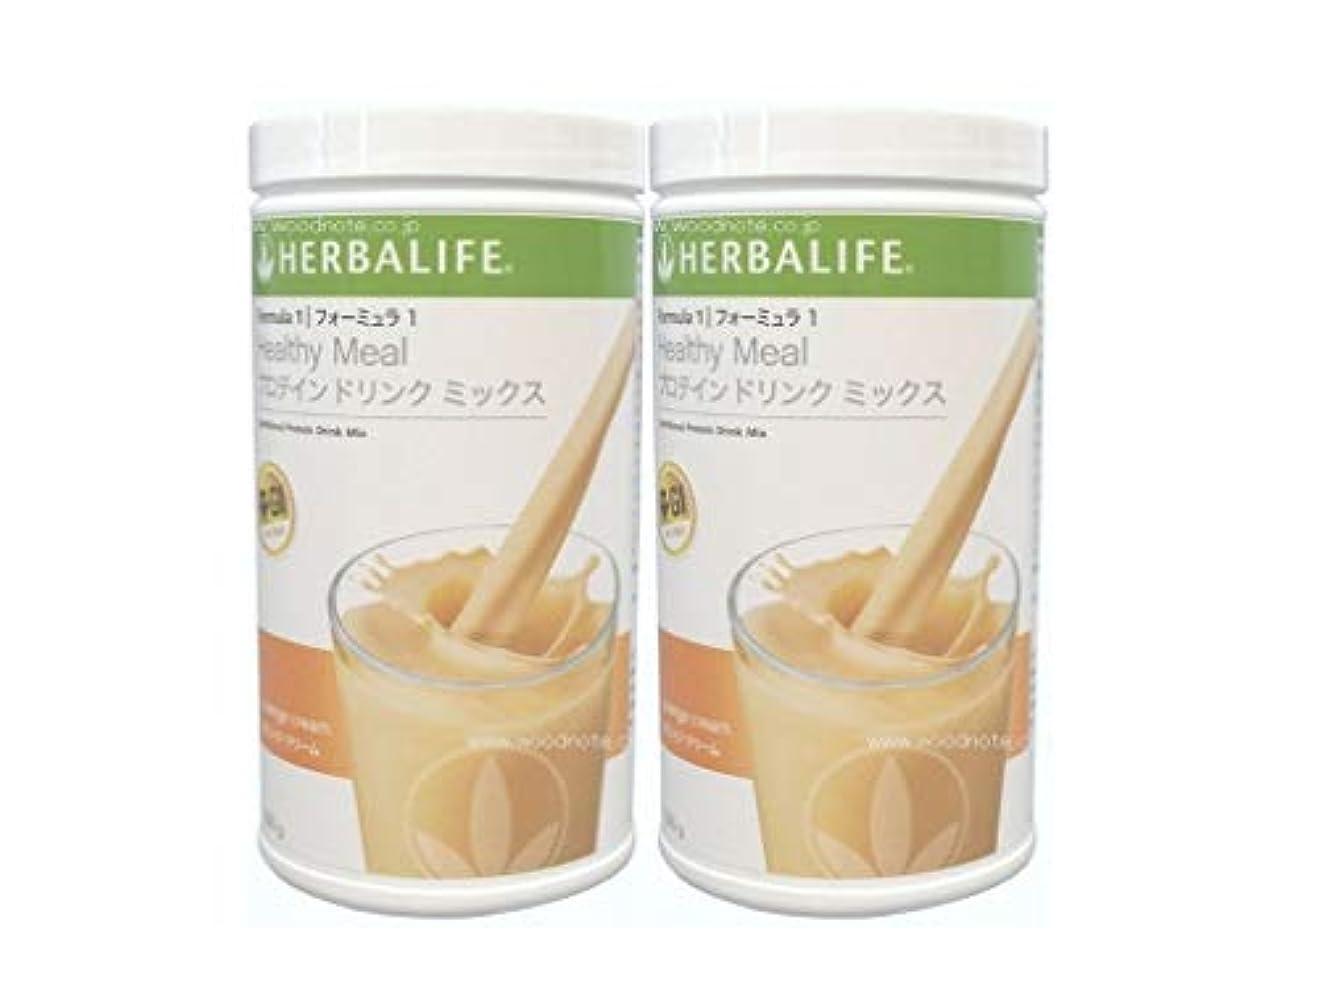 ダウンタウン引き算読みやすさハーバライフ フォーミュラ1プロテインドリンクミックス- オレンジクリーム味 2本セット